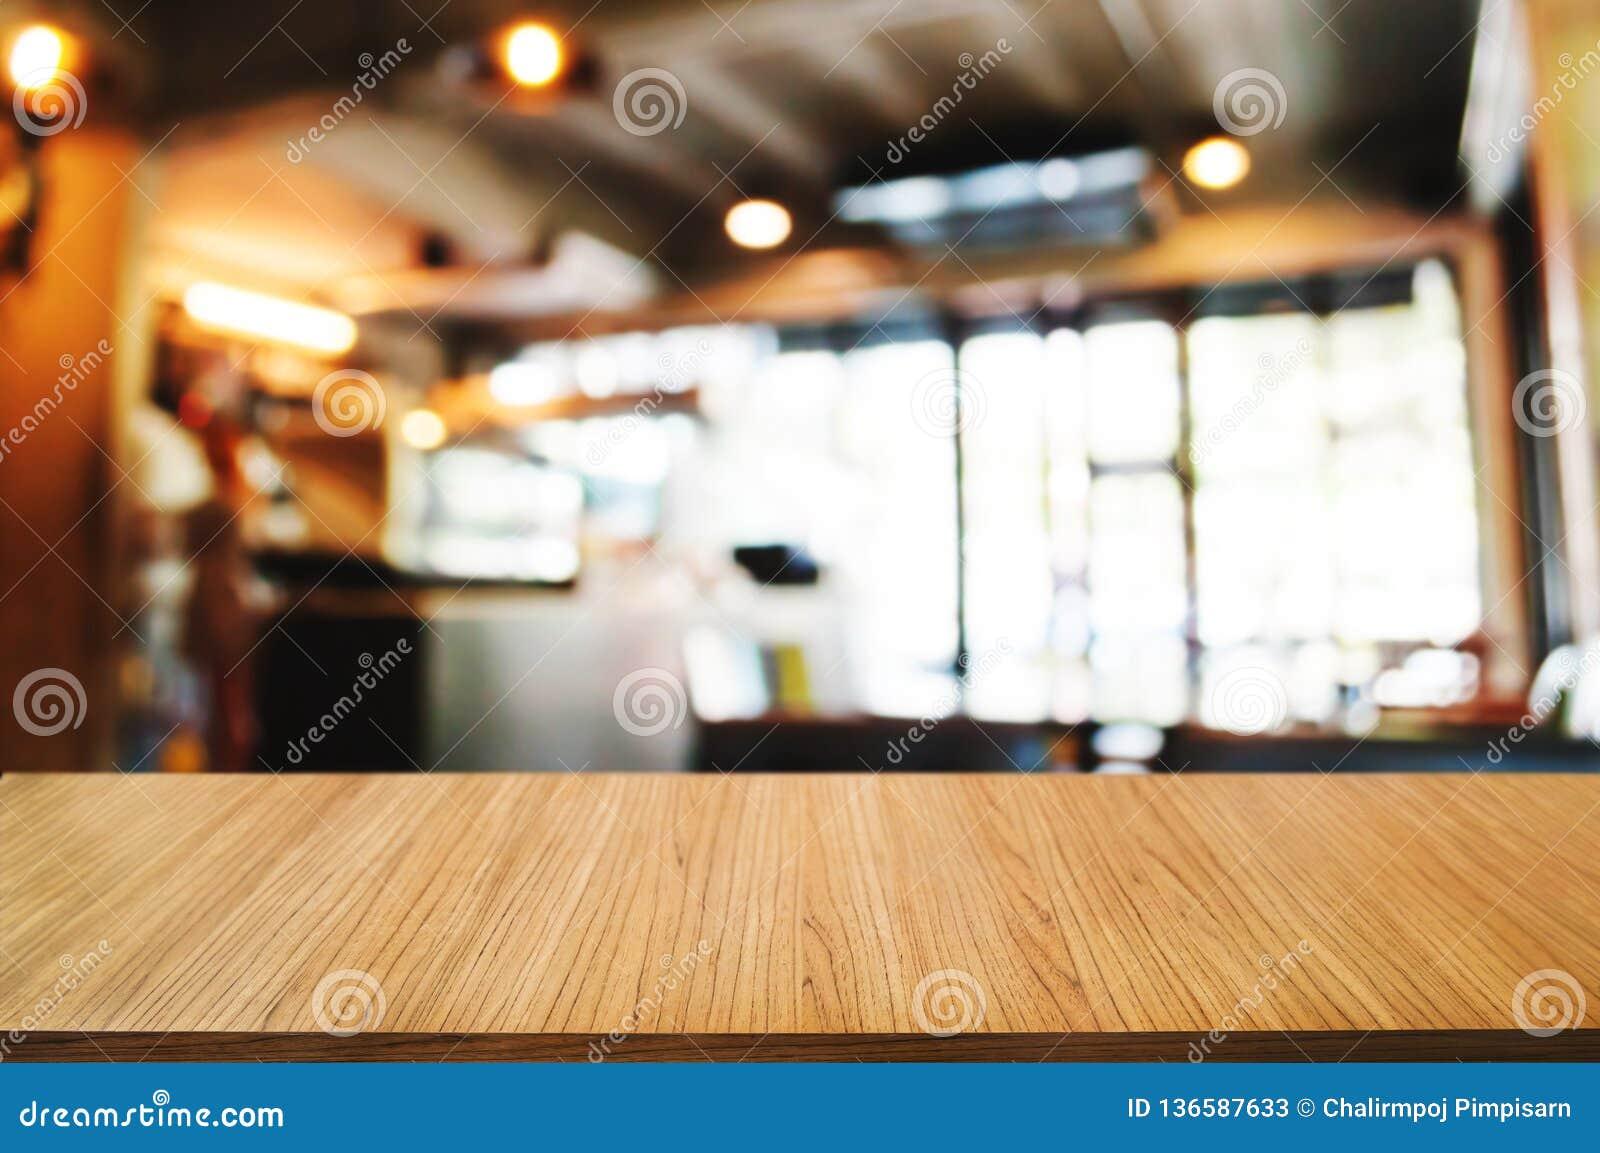 Tabla de madera vacía con el fondo borroso montaje del café del café